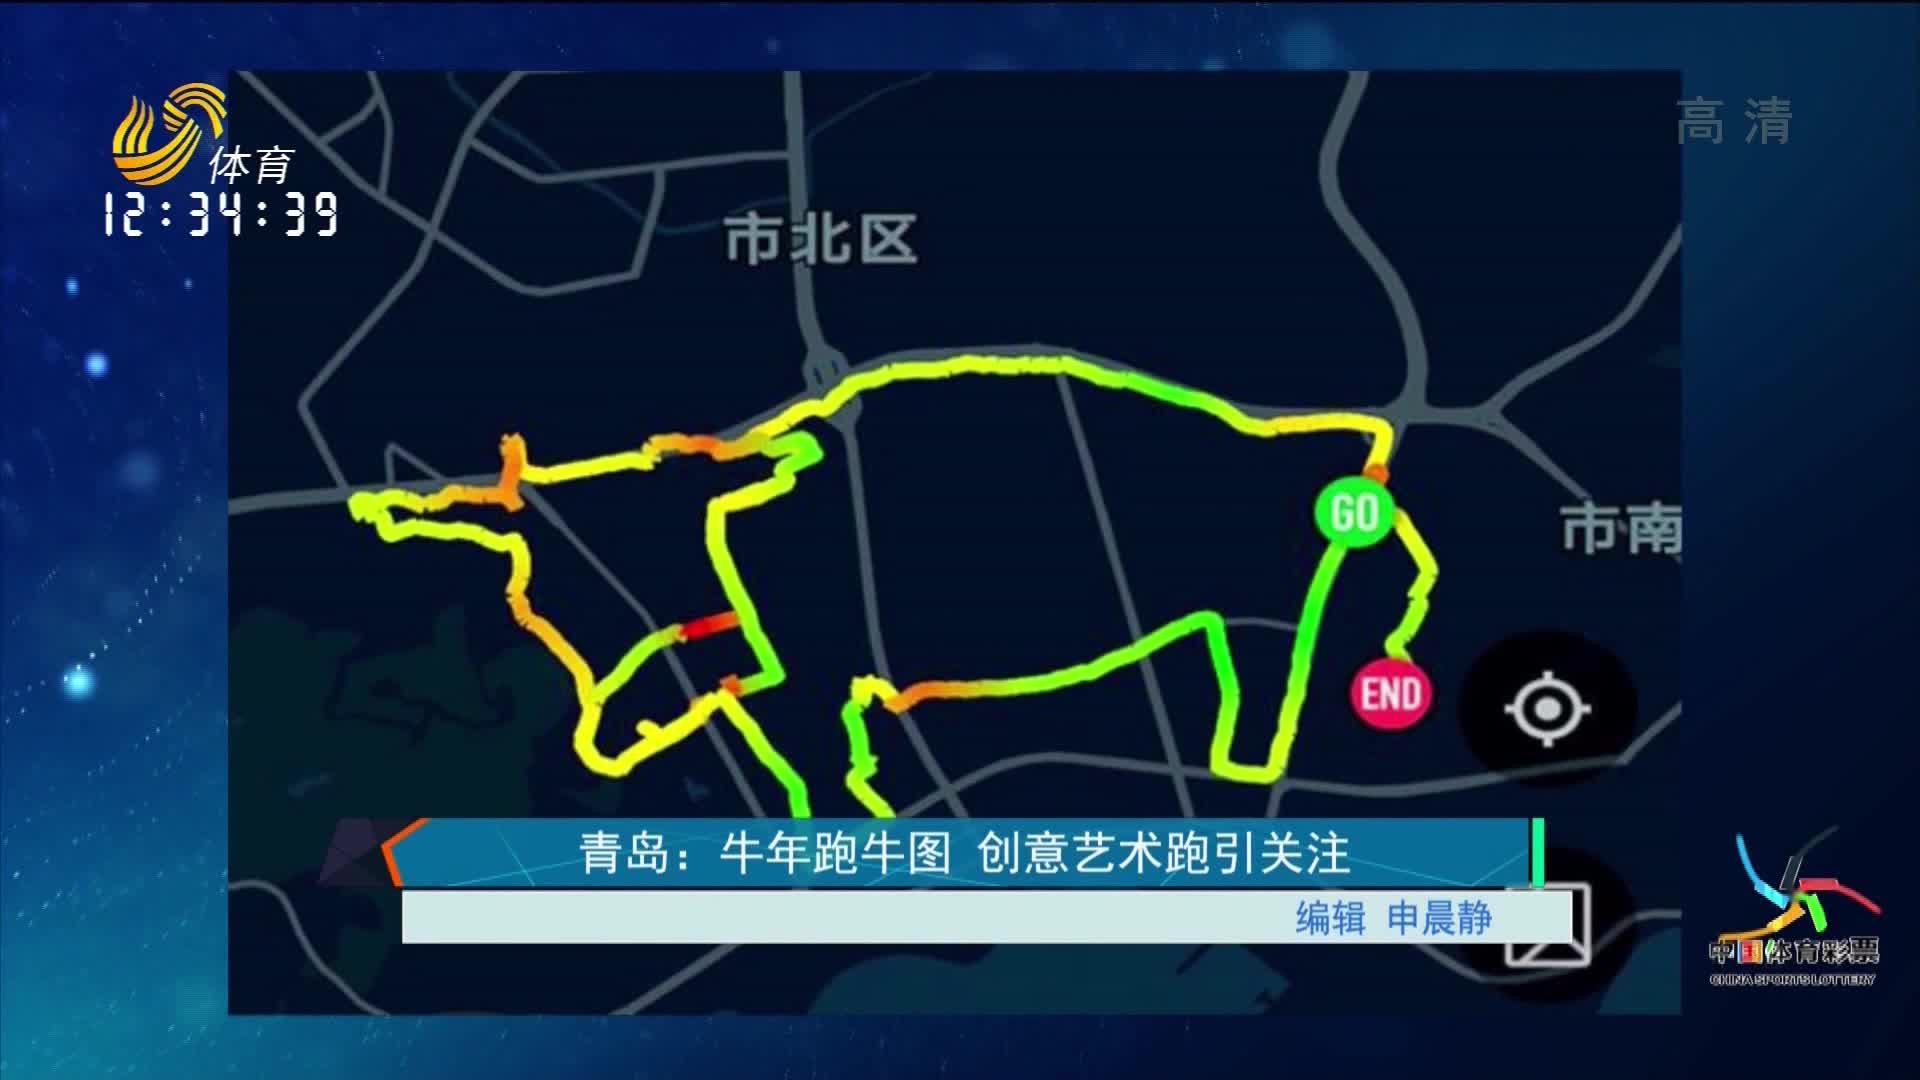 青岛:牛年跑牛图 创意艺术跑引关注